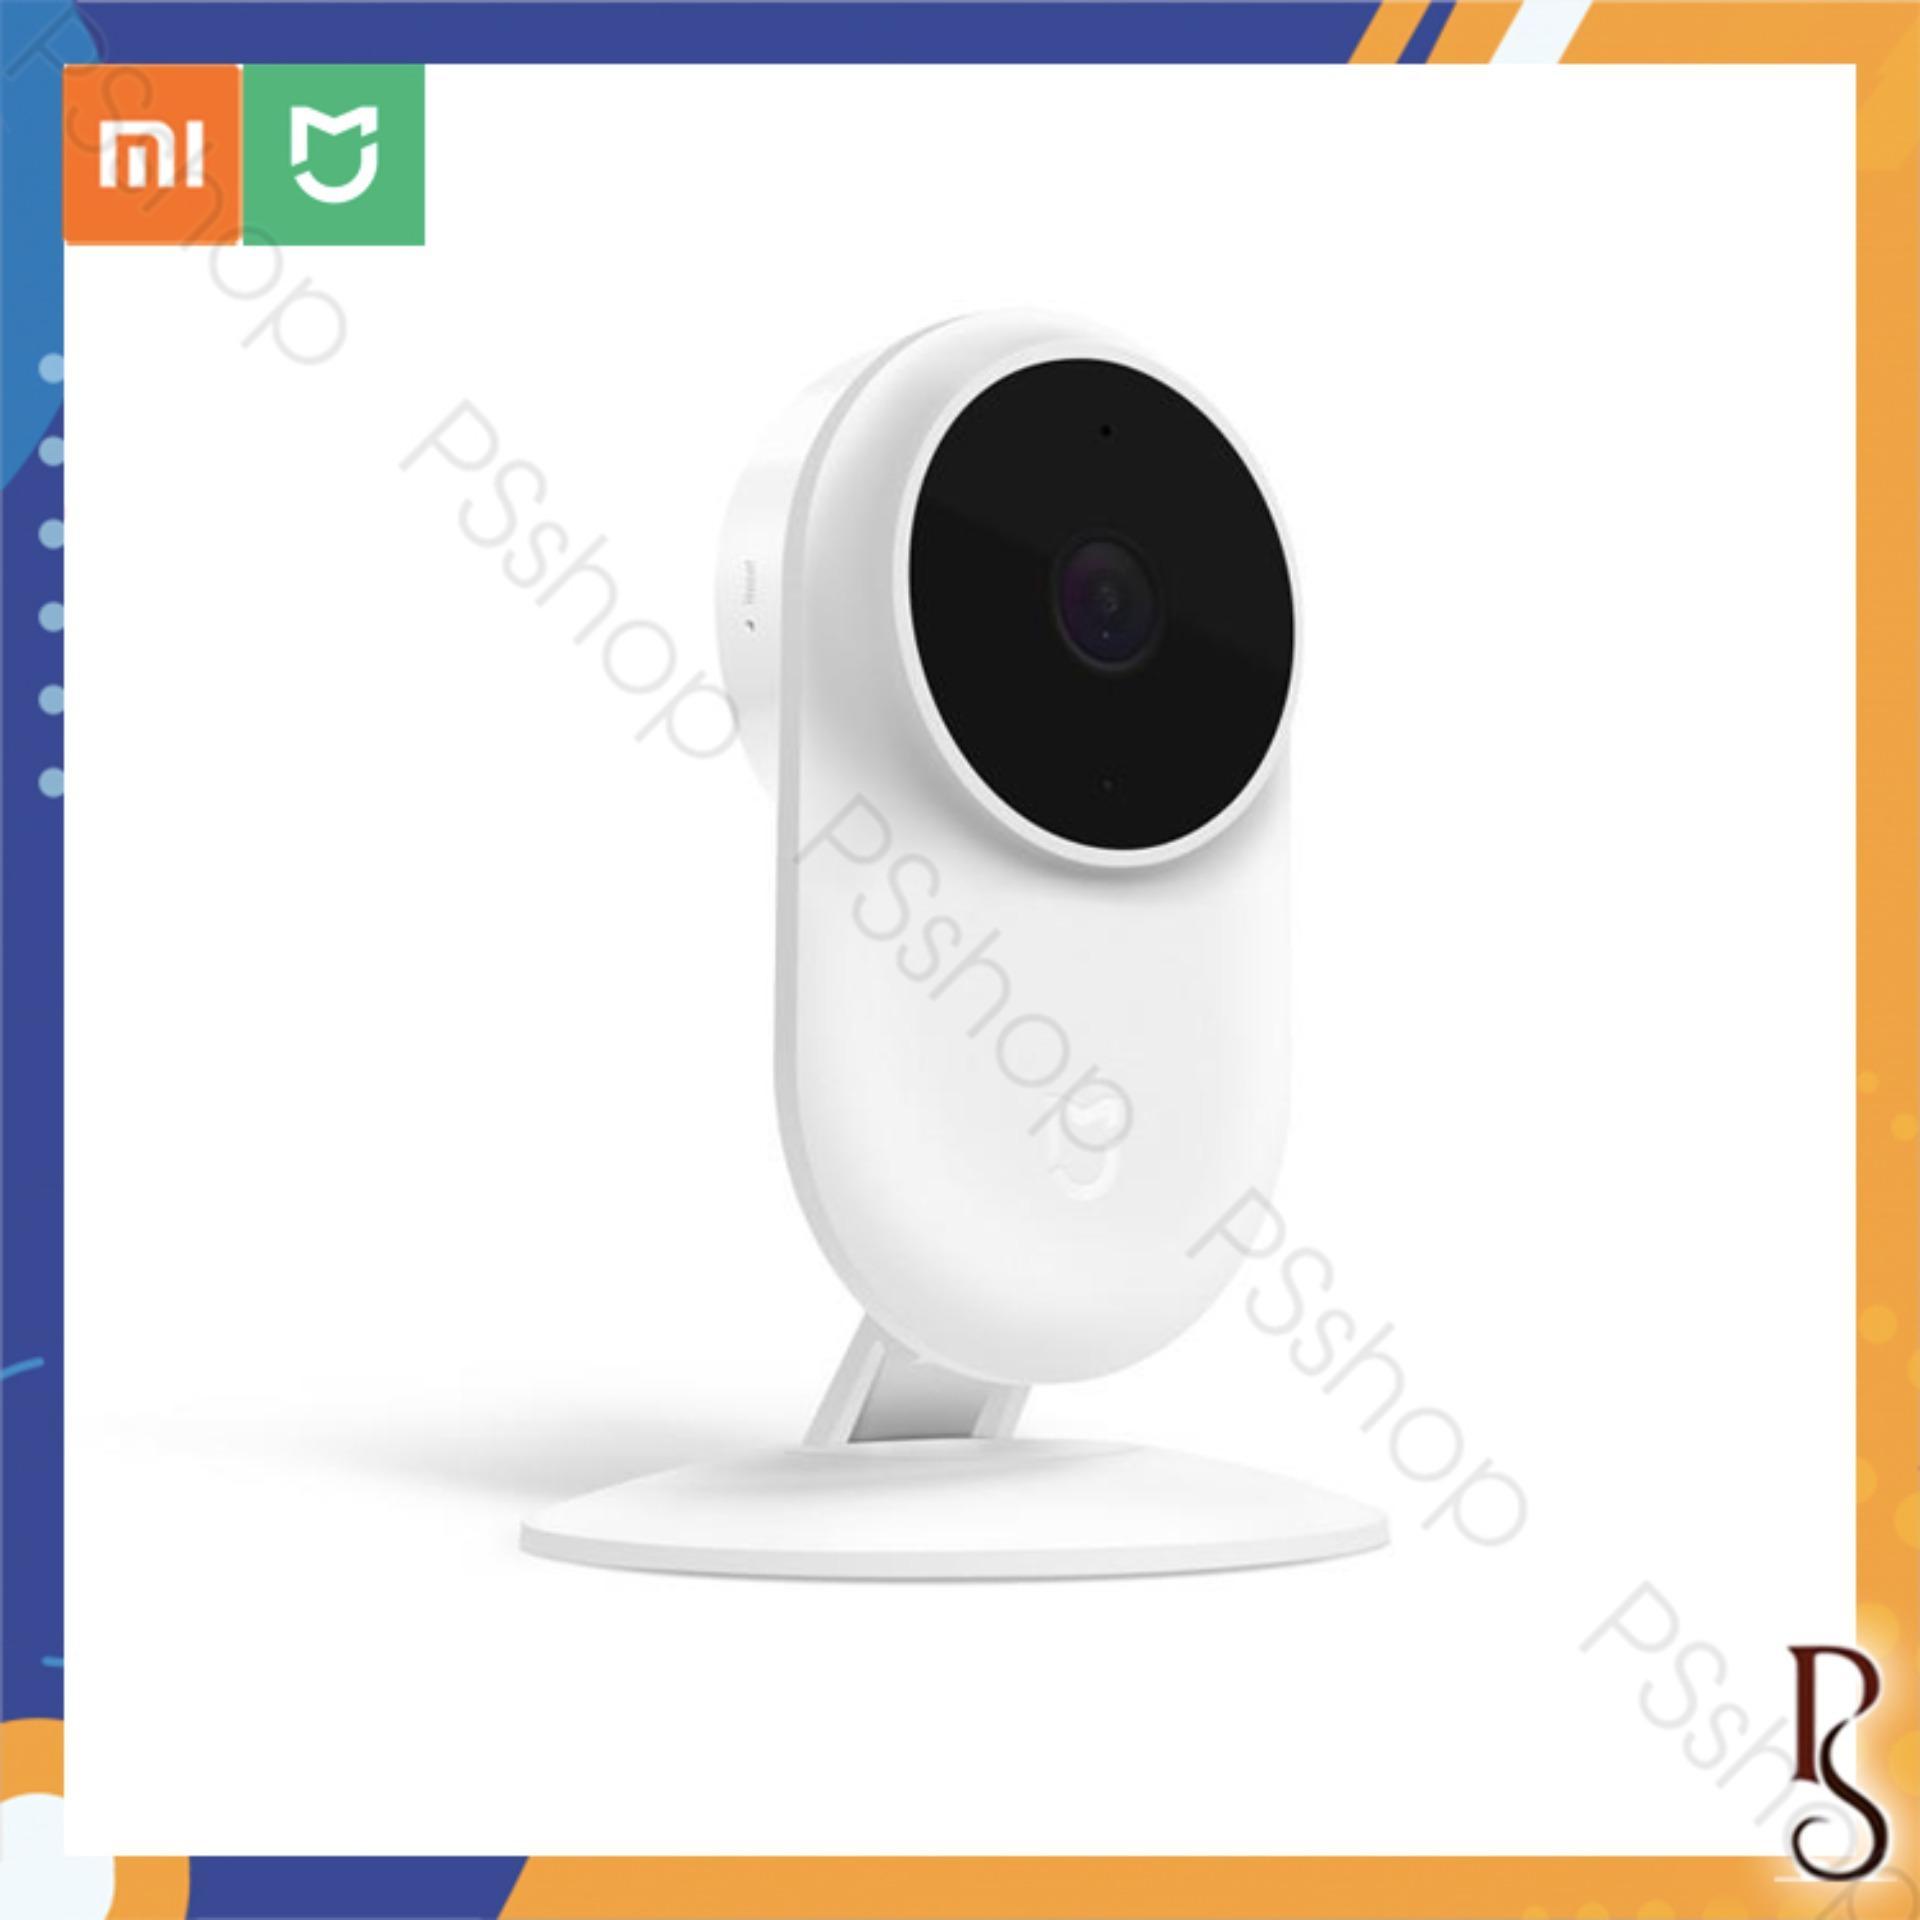 Camera IP giám sát hồng ngoại Xiaomi Mijia, độ phân giải 1080p, góc nhìn rộng 130 Độ (2018) - Bảo hành 6 tháng